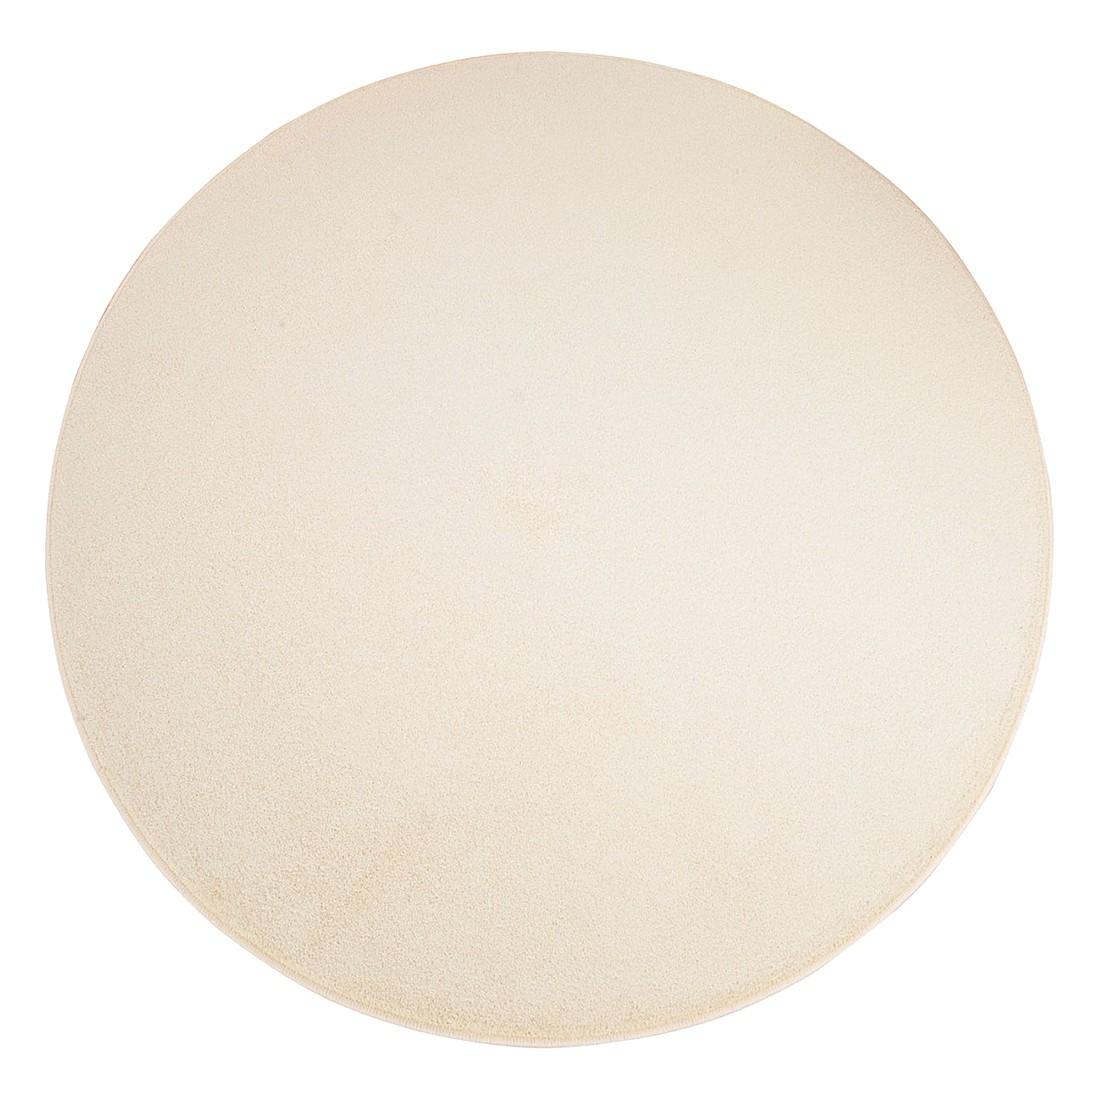 Teppich Burbon – Weiß – Durchmesser: 160 cm, Testil günstig kaufen